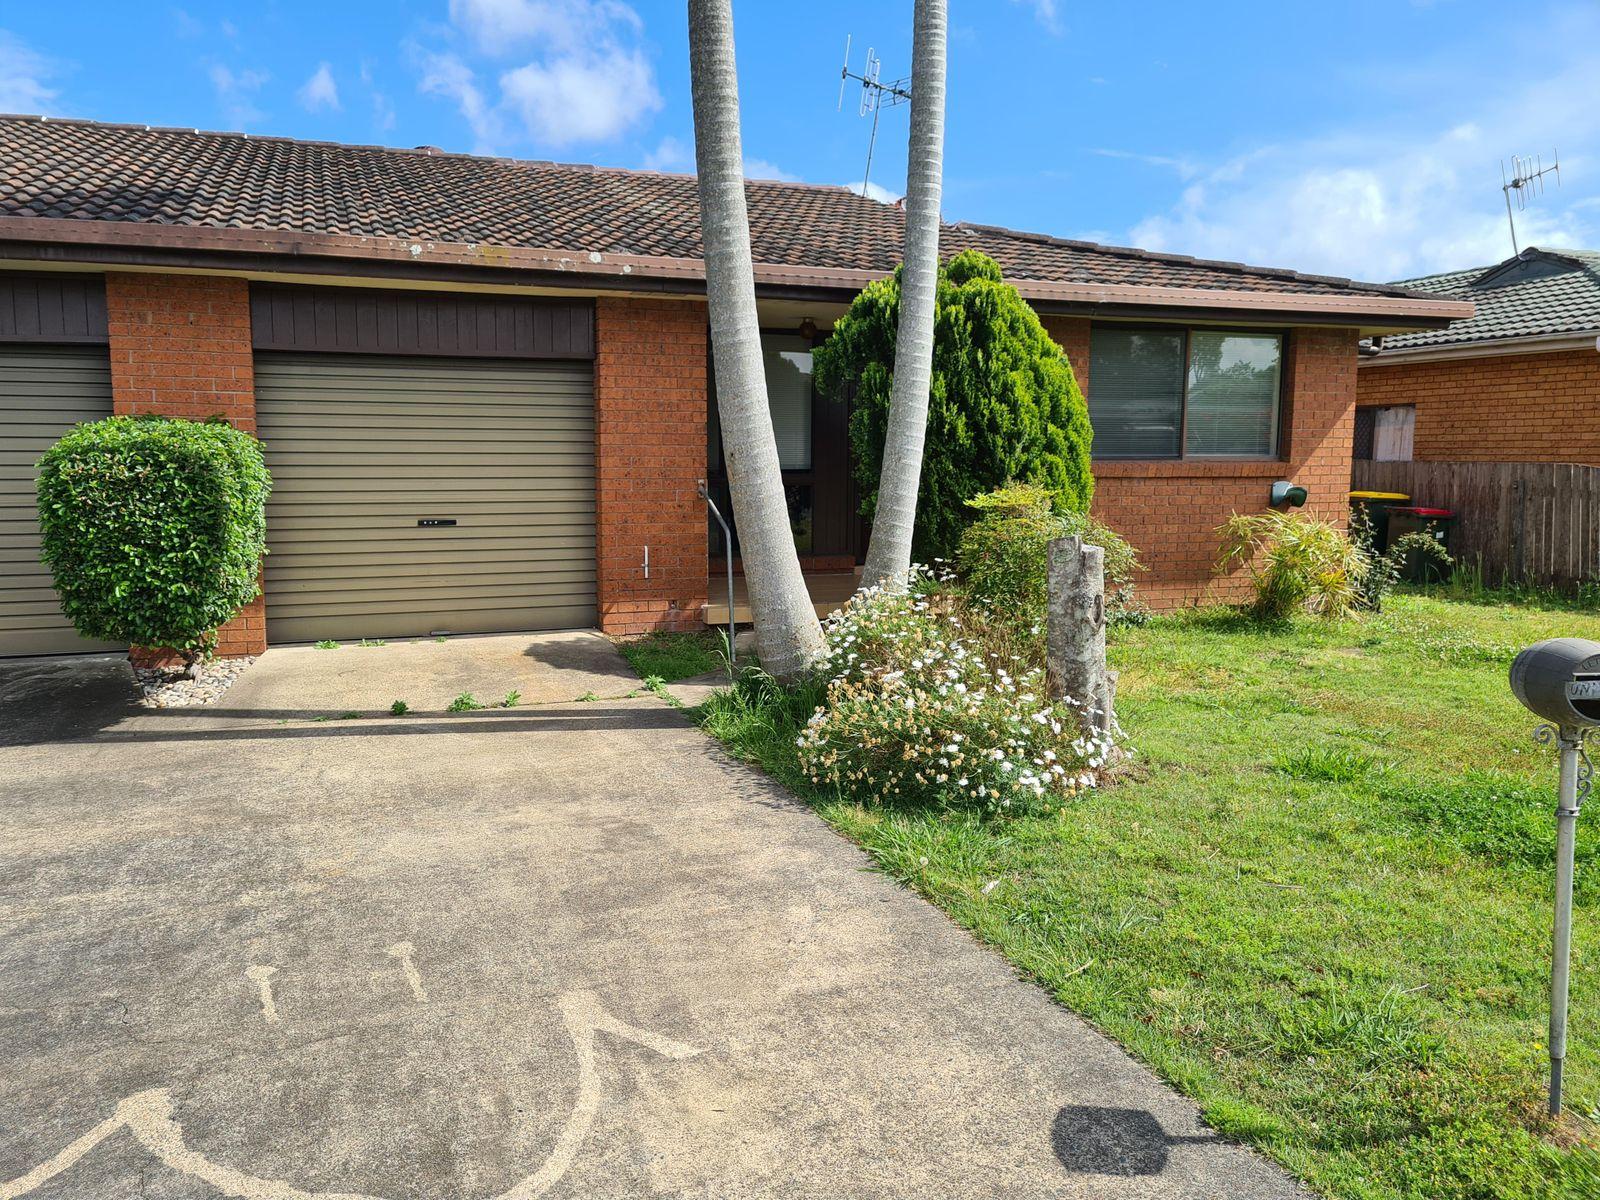 2/31 Main Street, Cundletown, NSW 2430